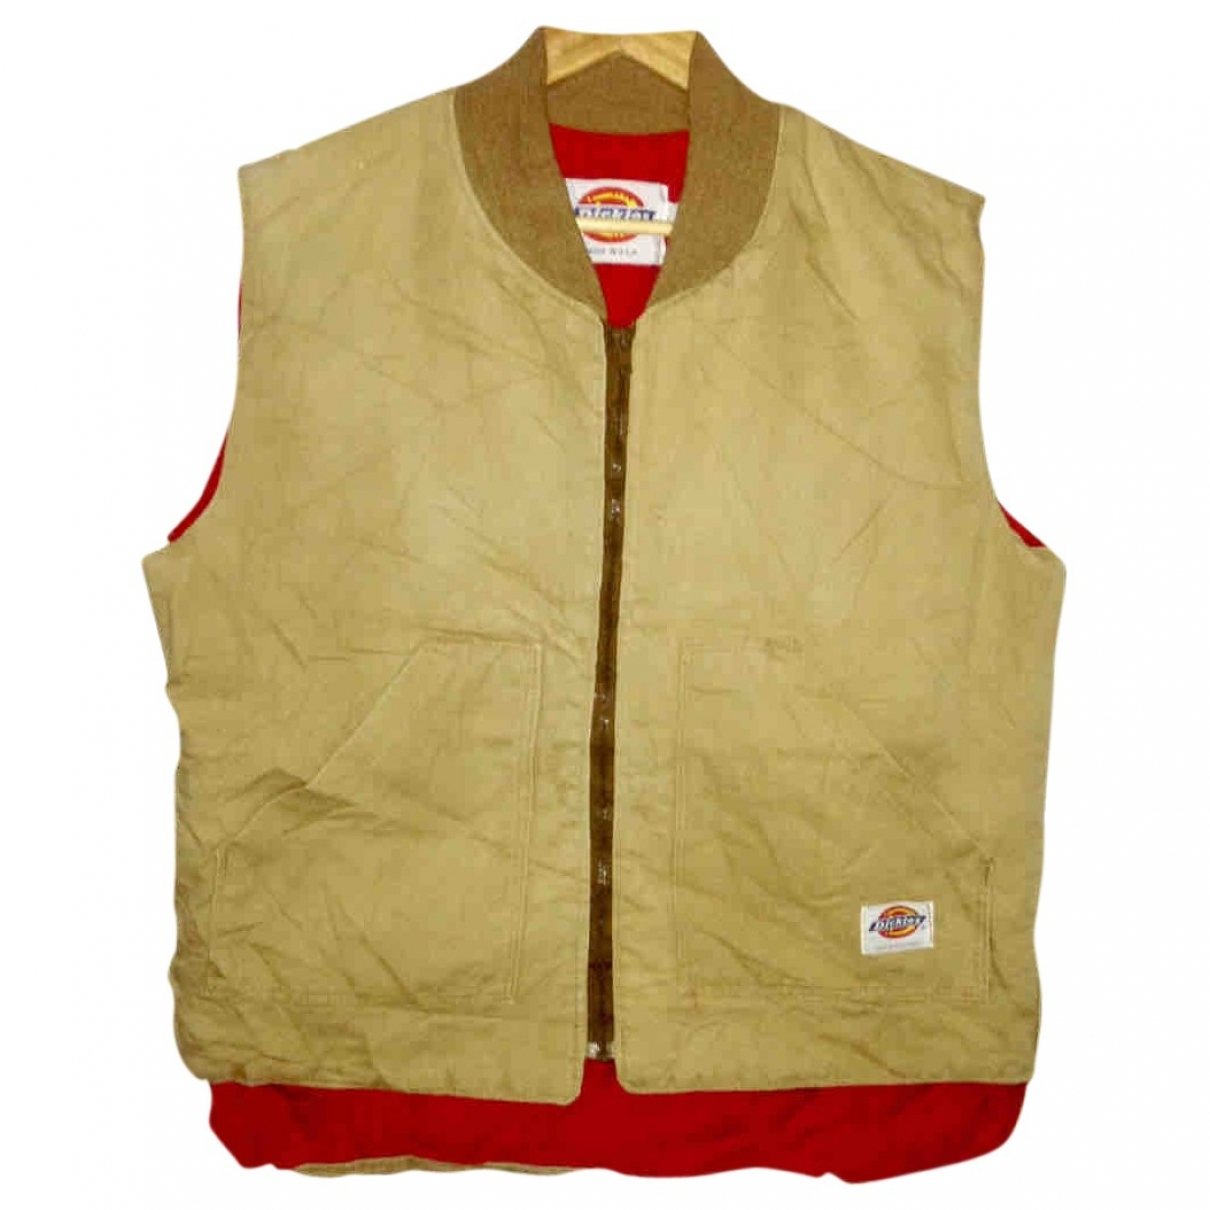 Dickies \N Red jacket  for Men L International